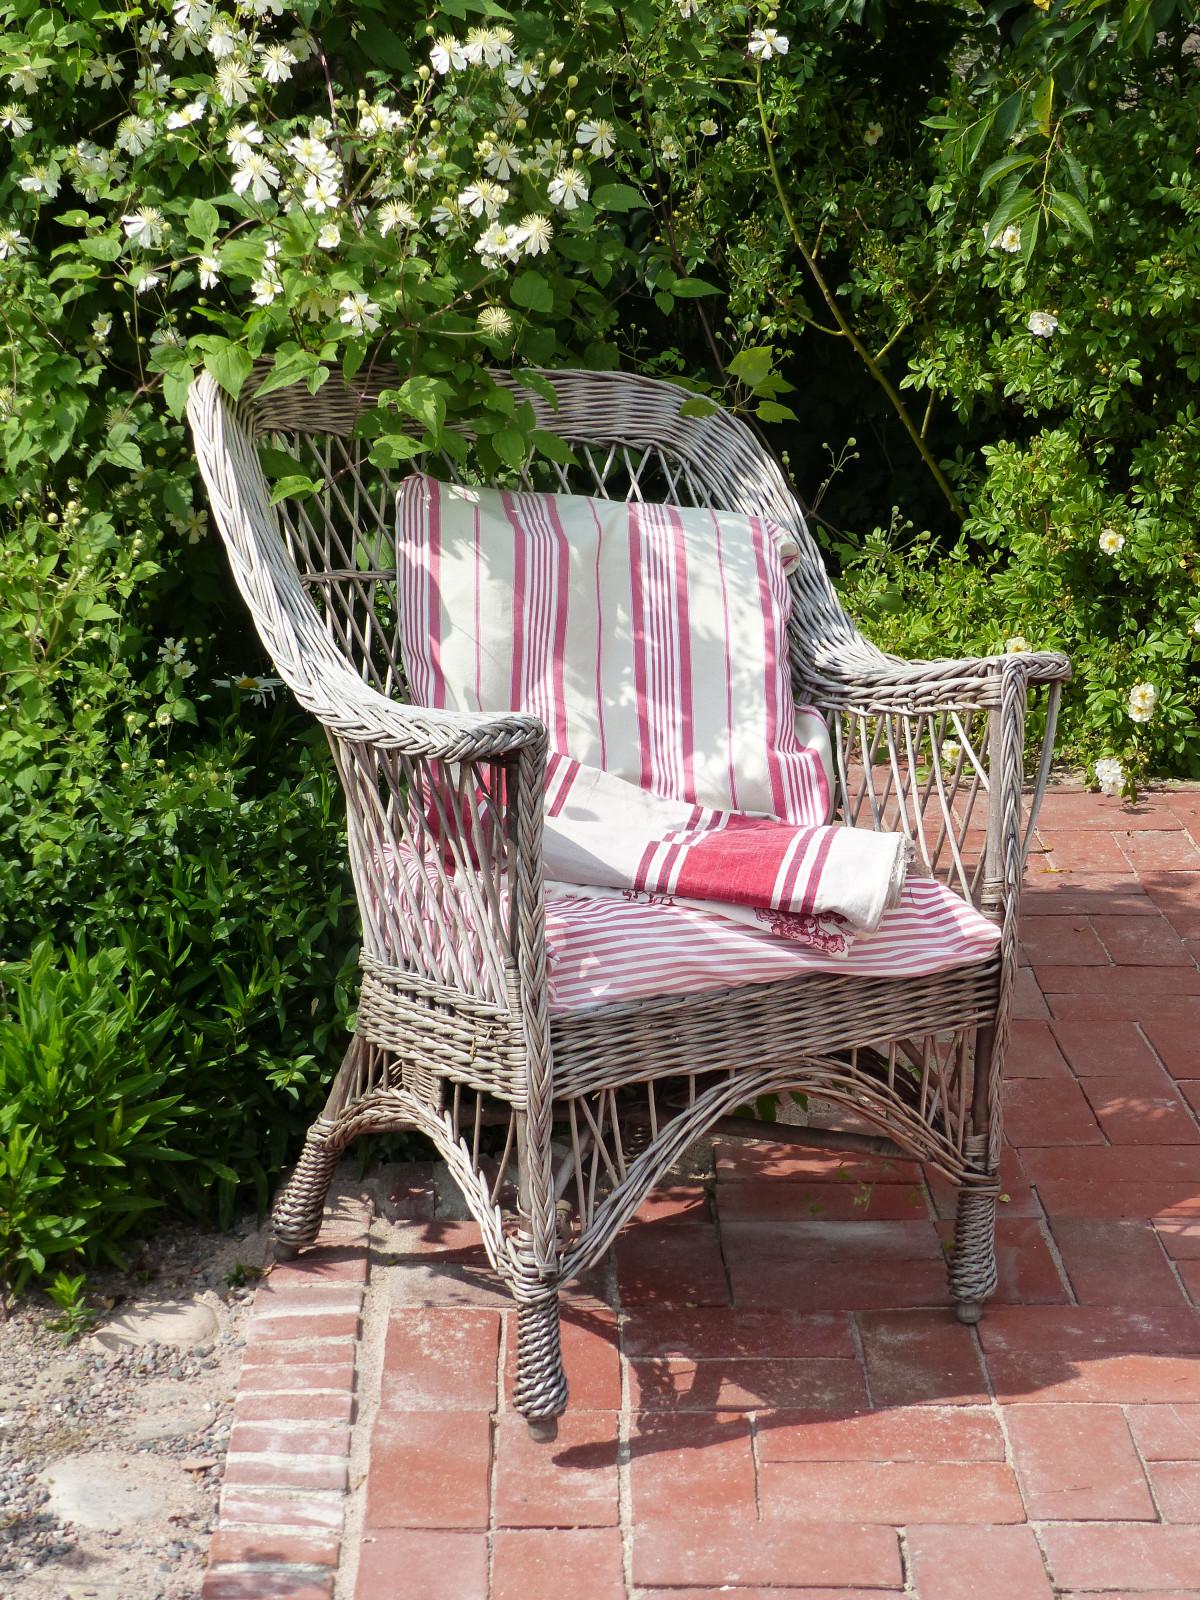 Fotos gratis silla porche caba a patio propiedad - Sillas de porche ...